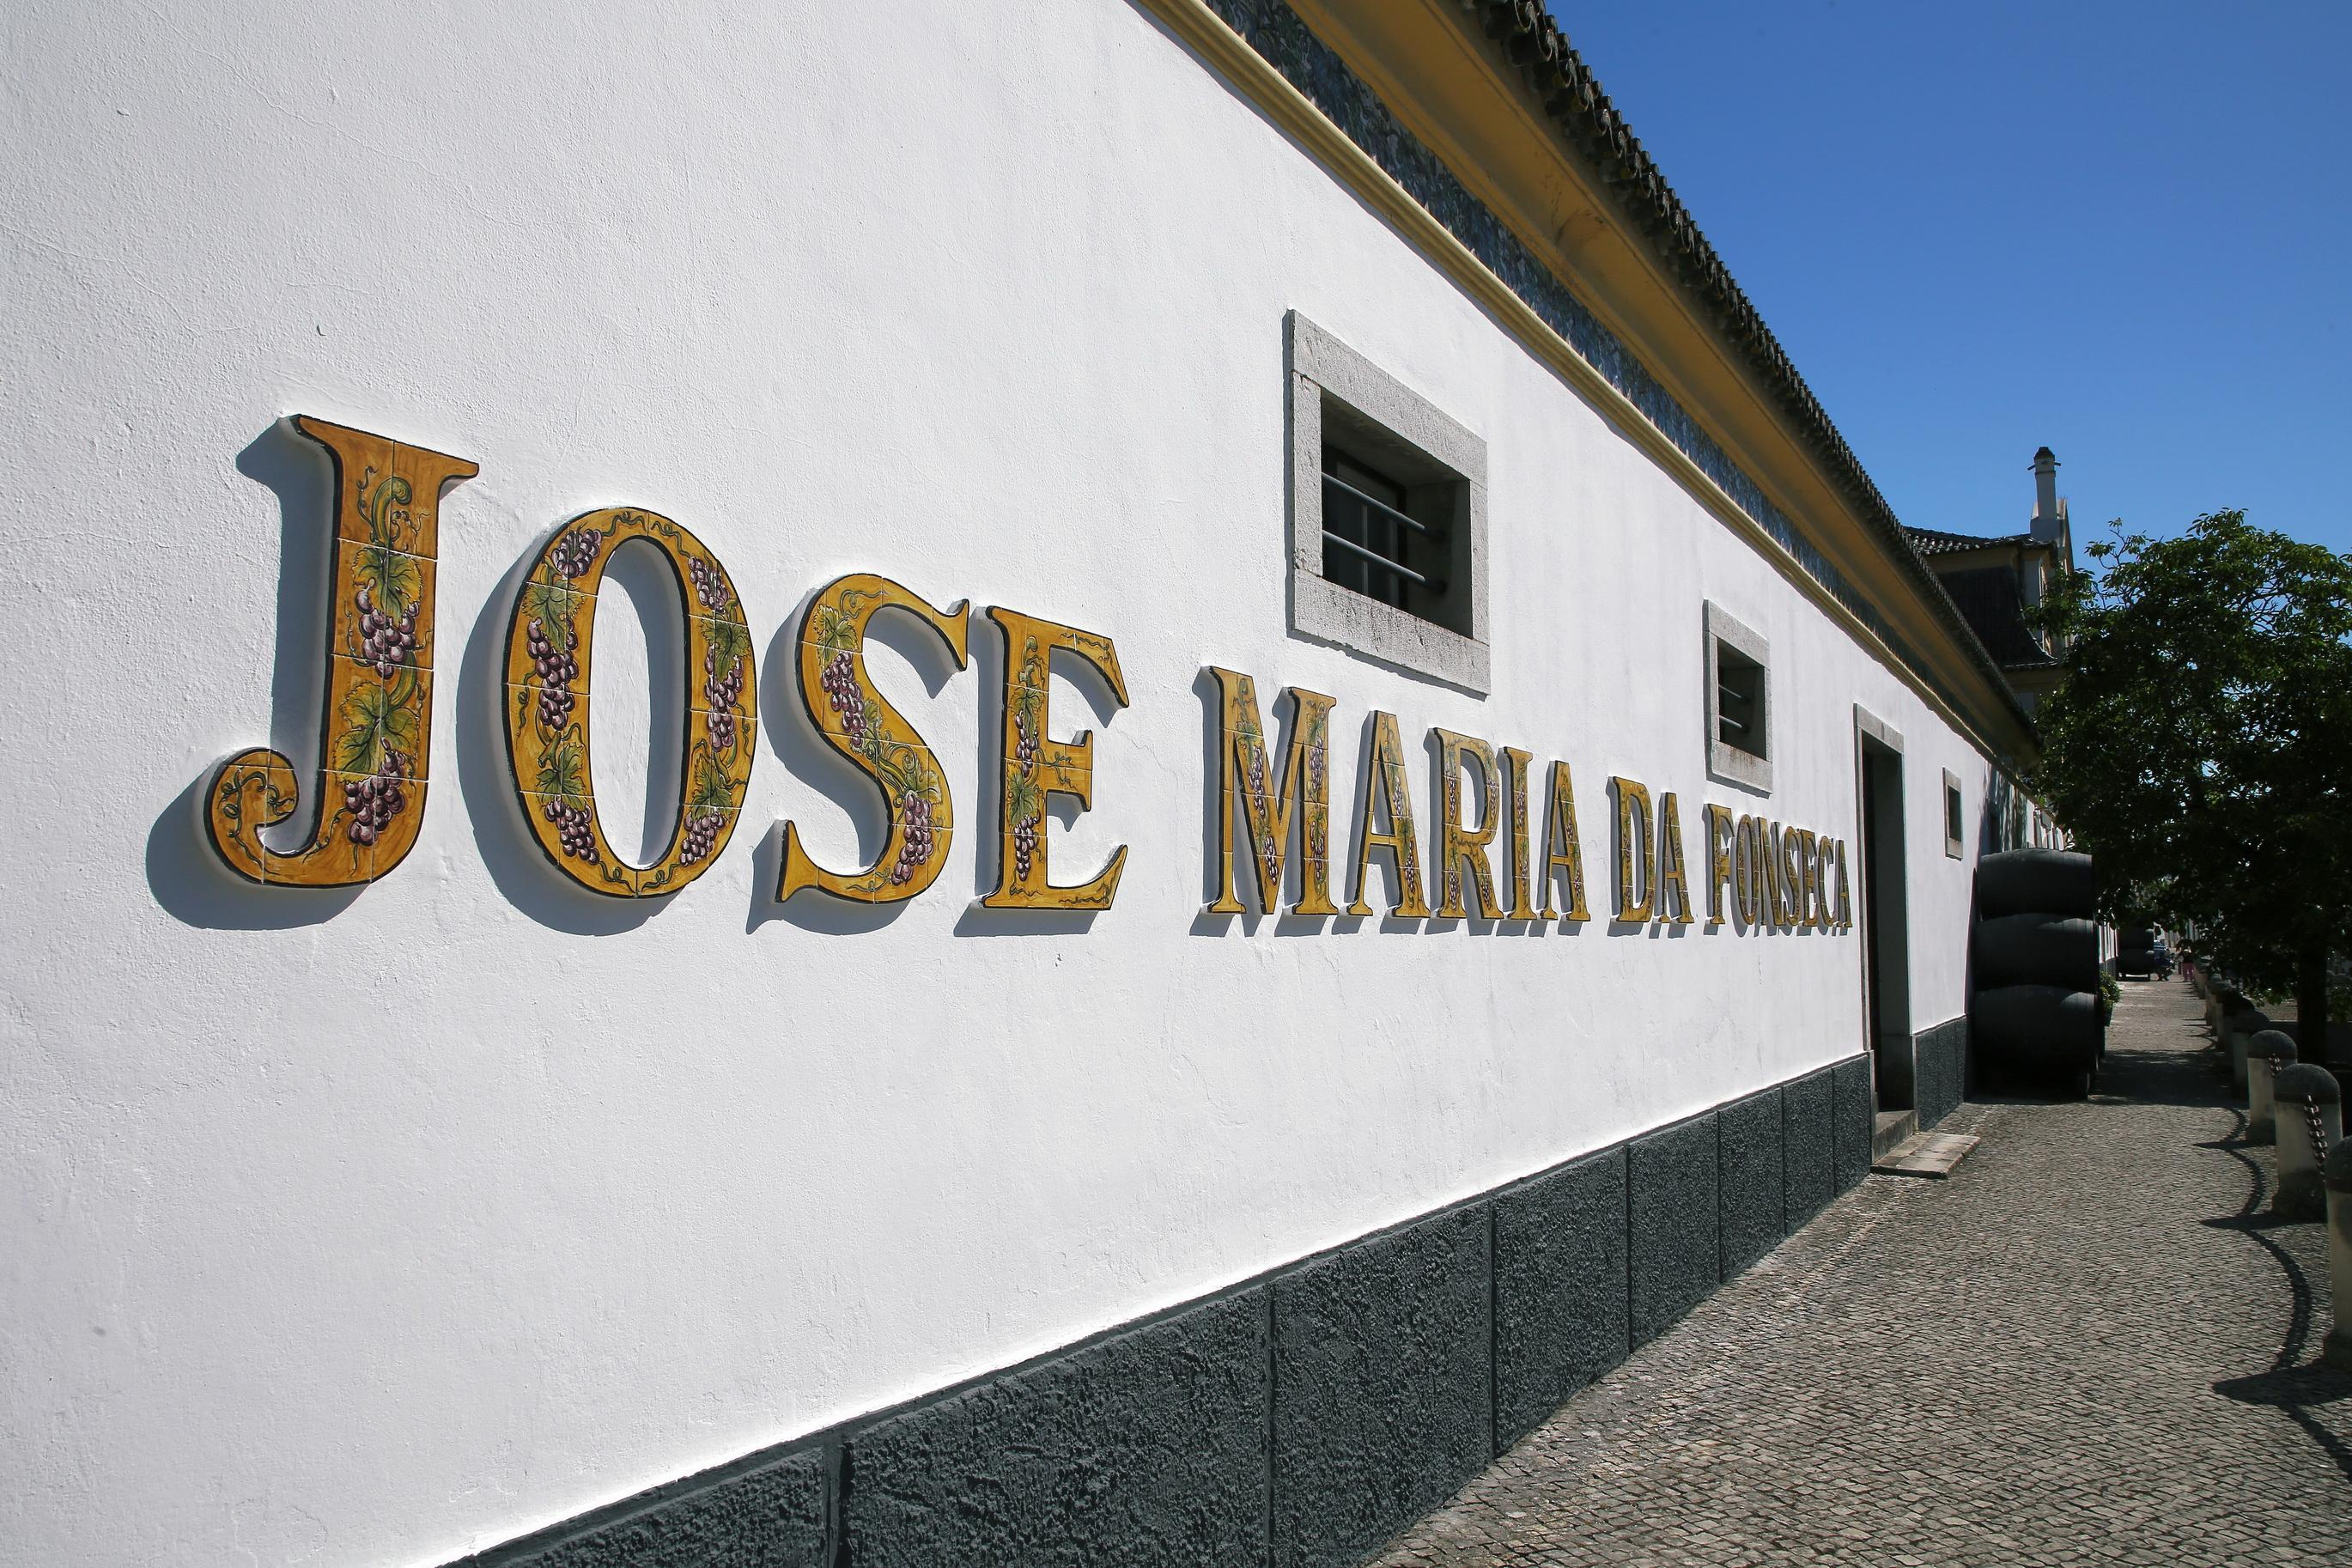 José Maria da Fonseca – Prova Premium & Tapas